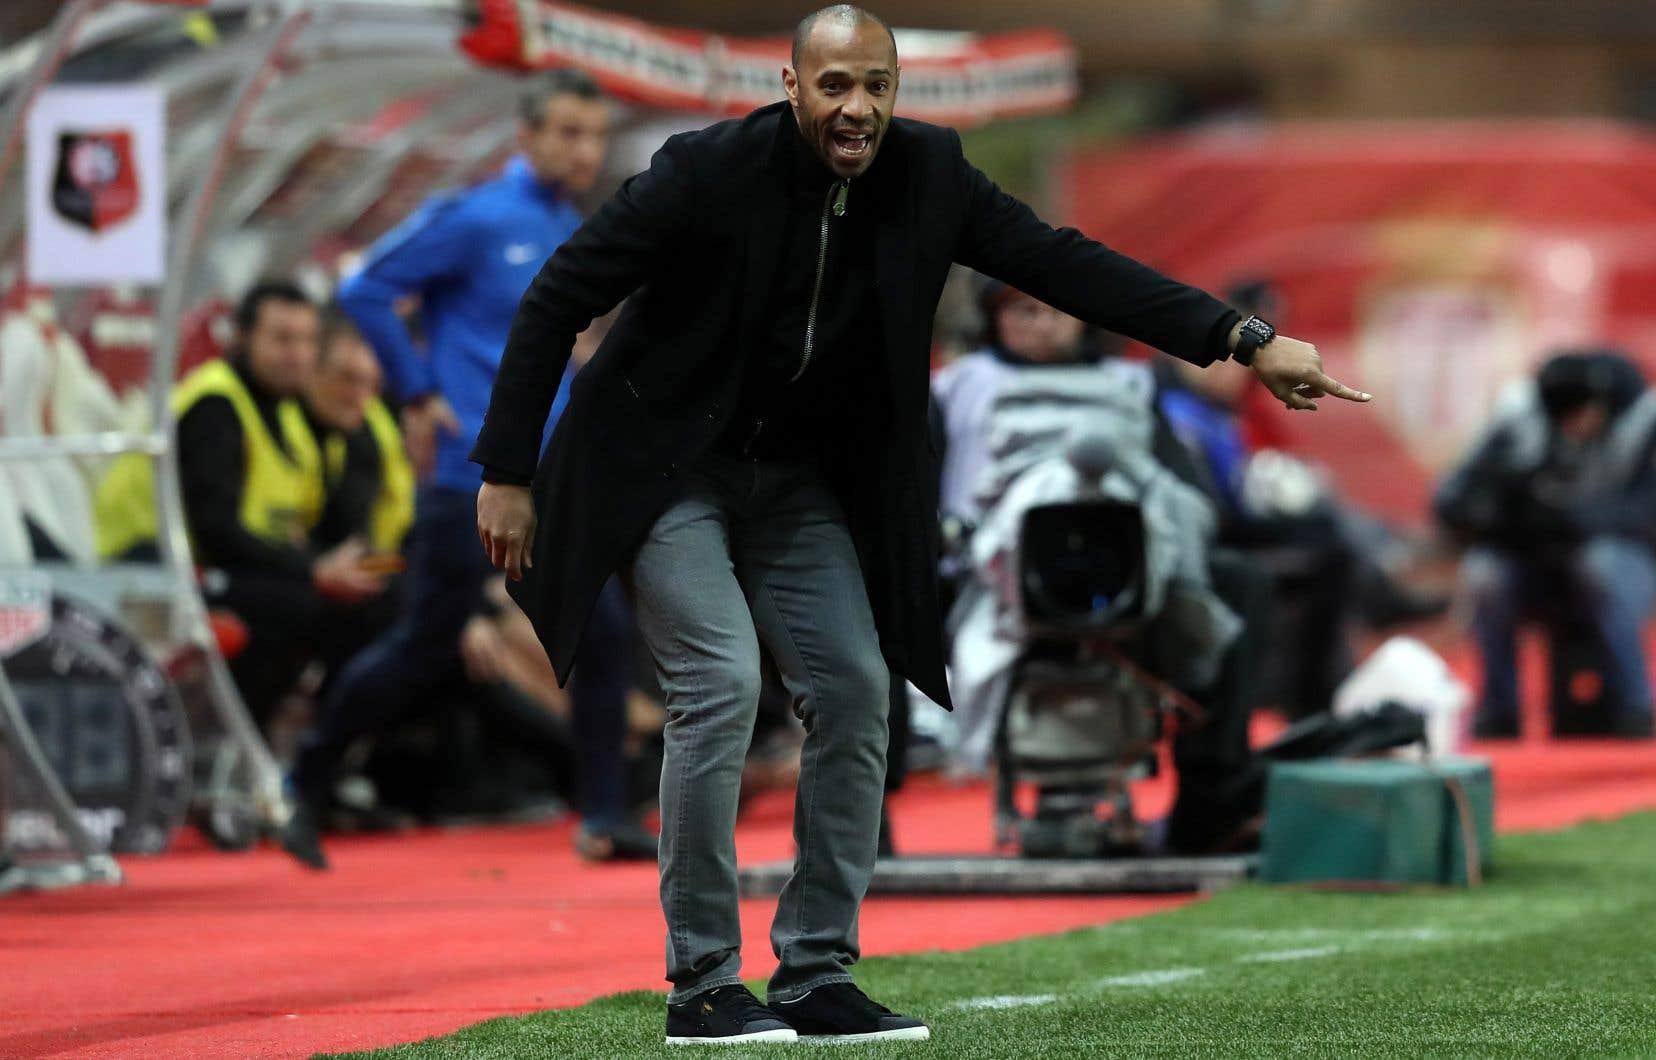 L'Impact a retenu les services de l'ancien joueur de soccer international français, Thierry Henry, avec une entente de deux ans, assortie d'une option pour 2022.